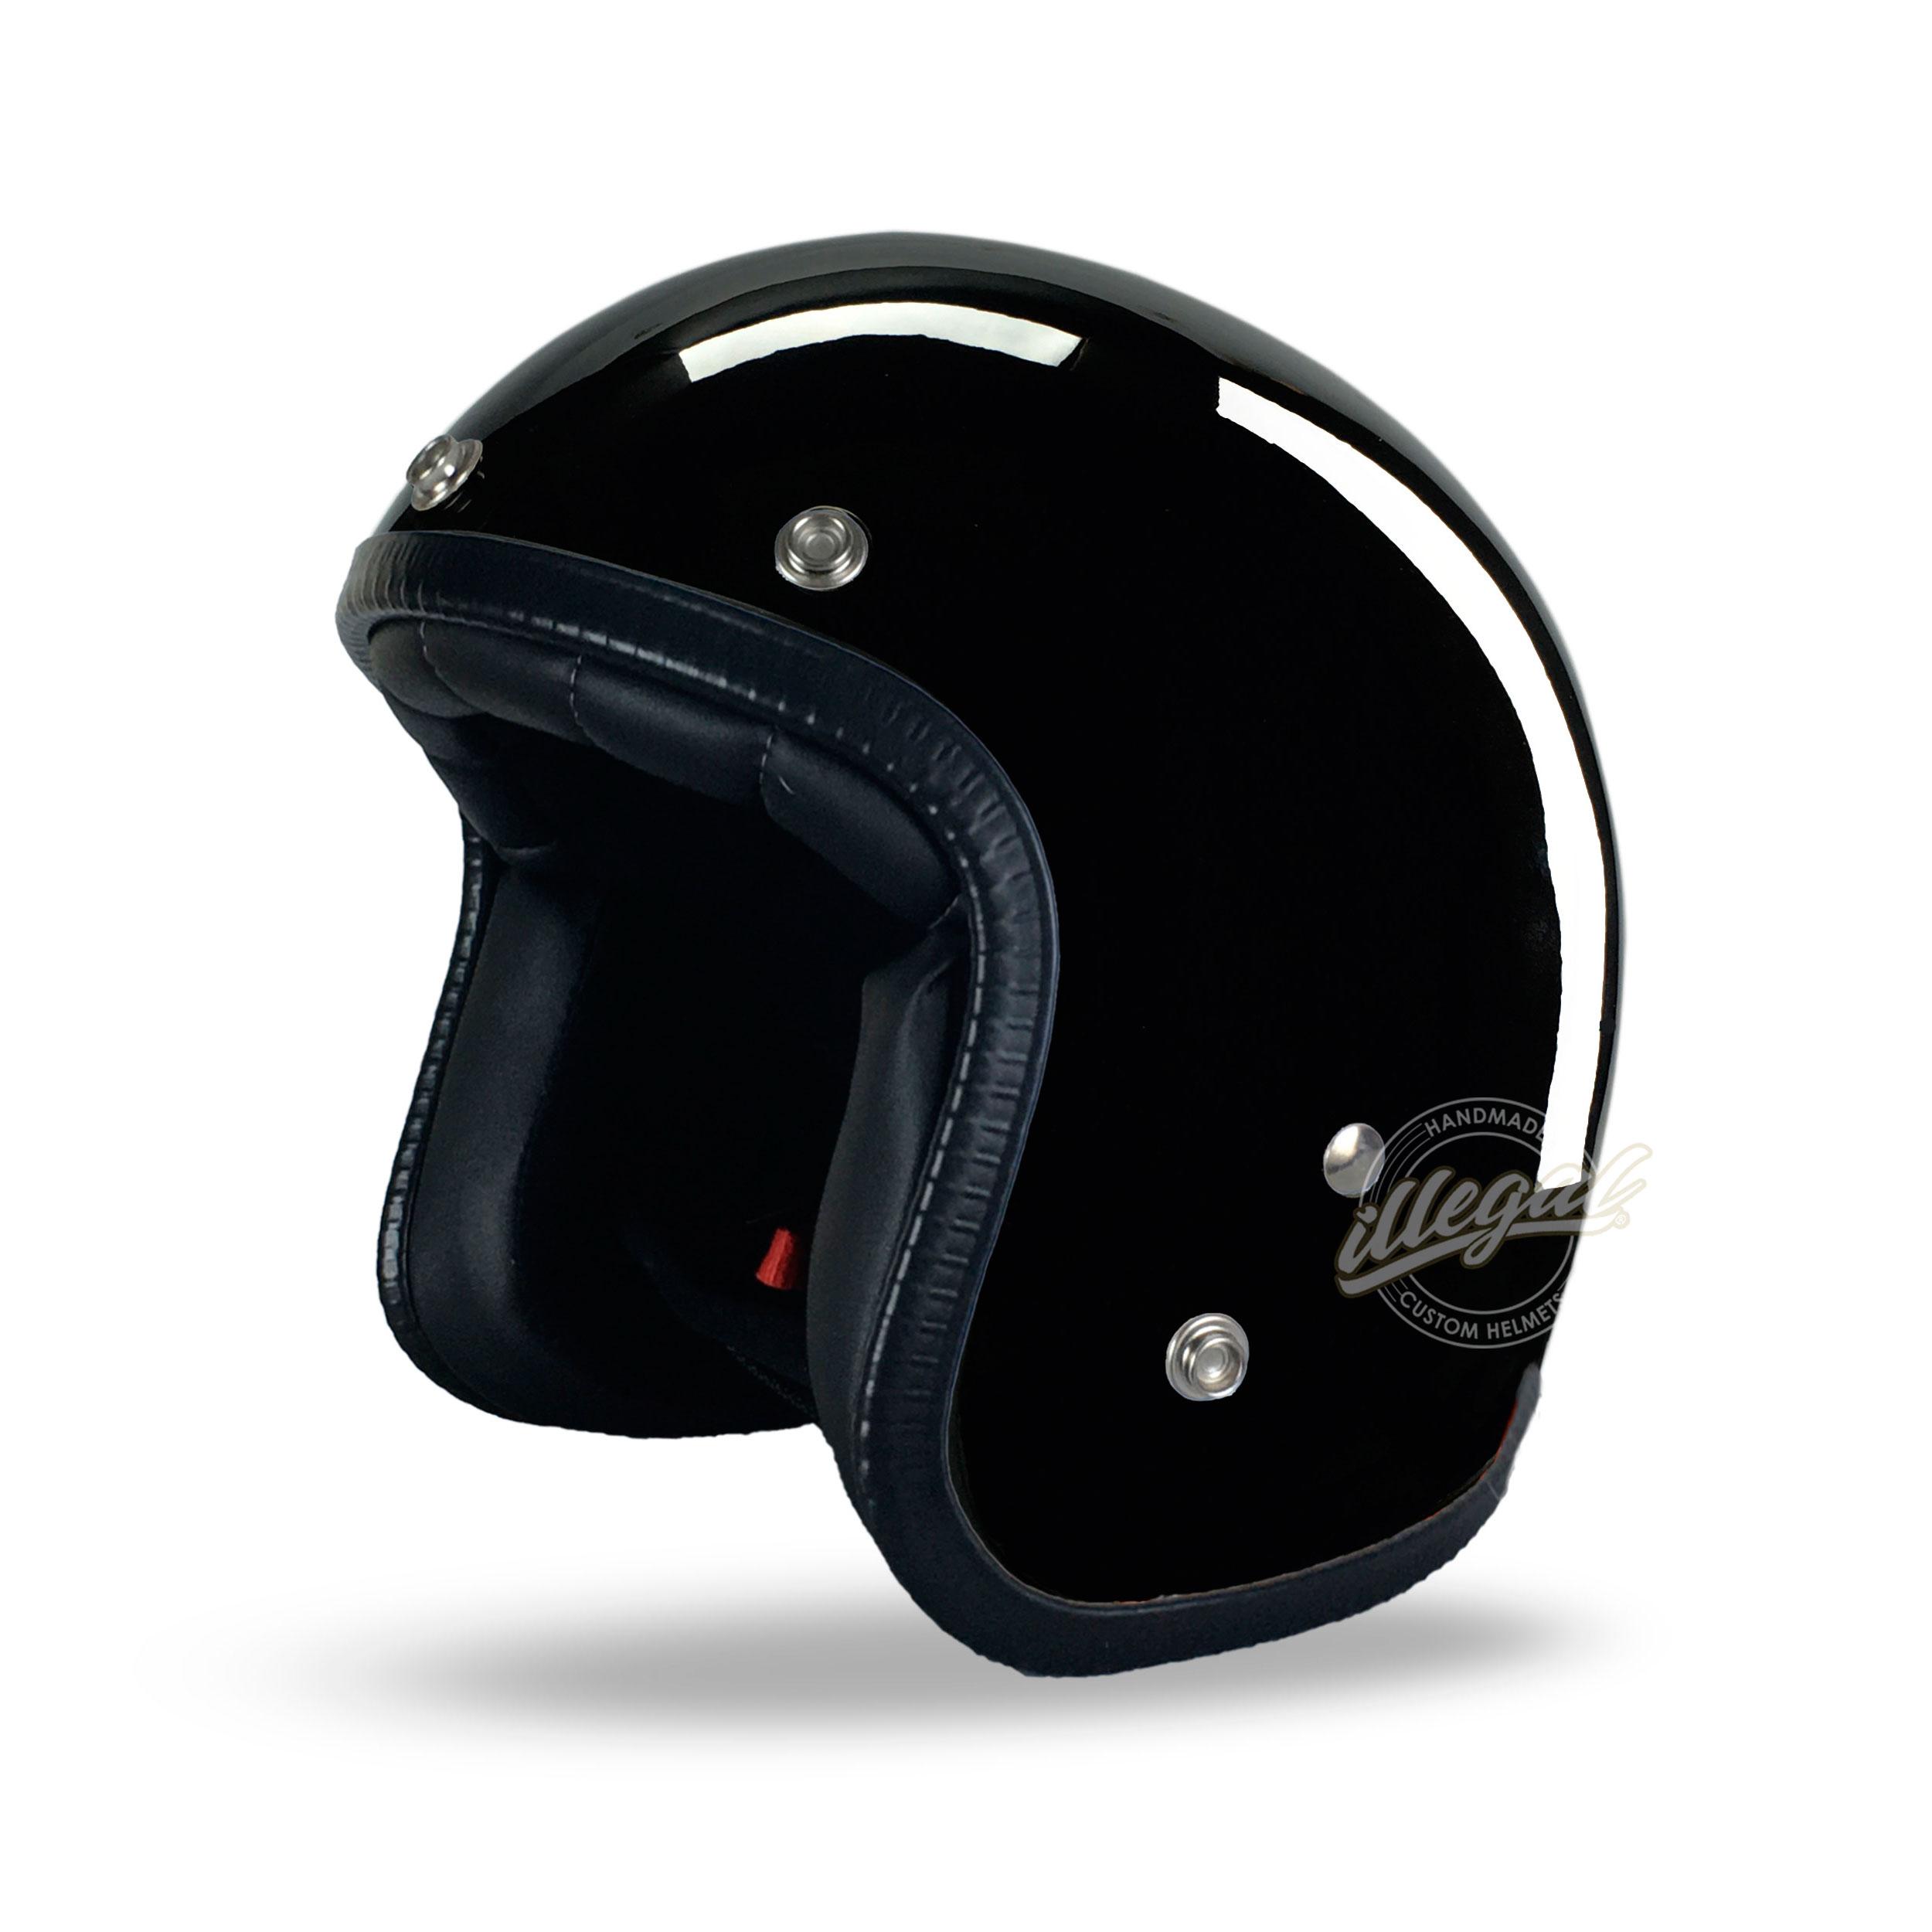 casco moto nero lucido